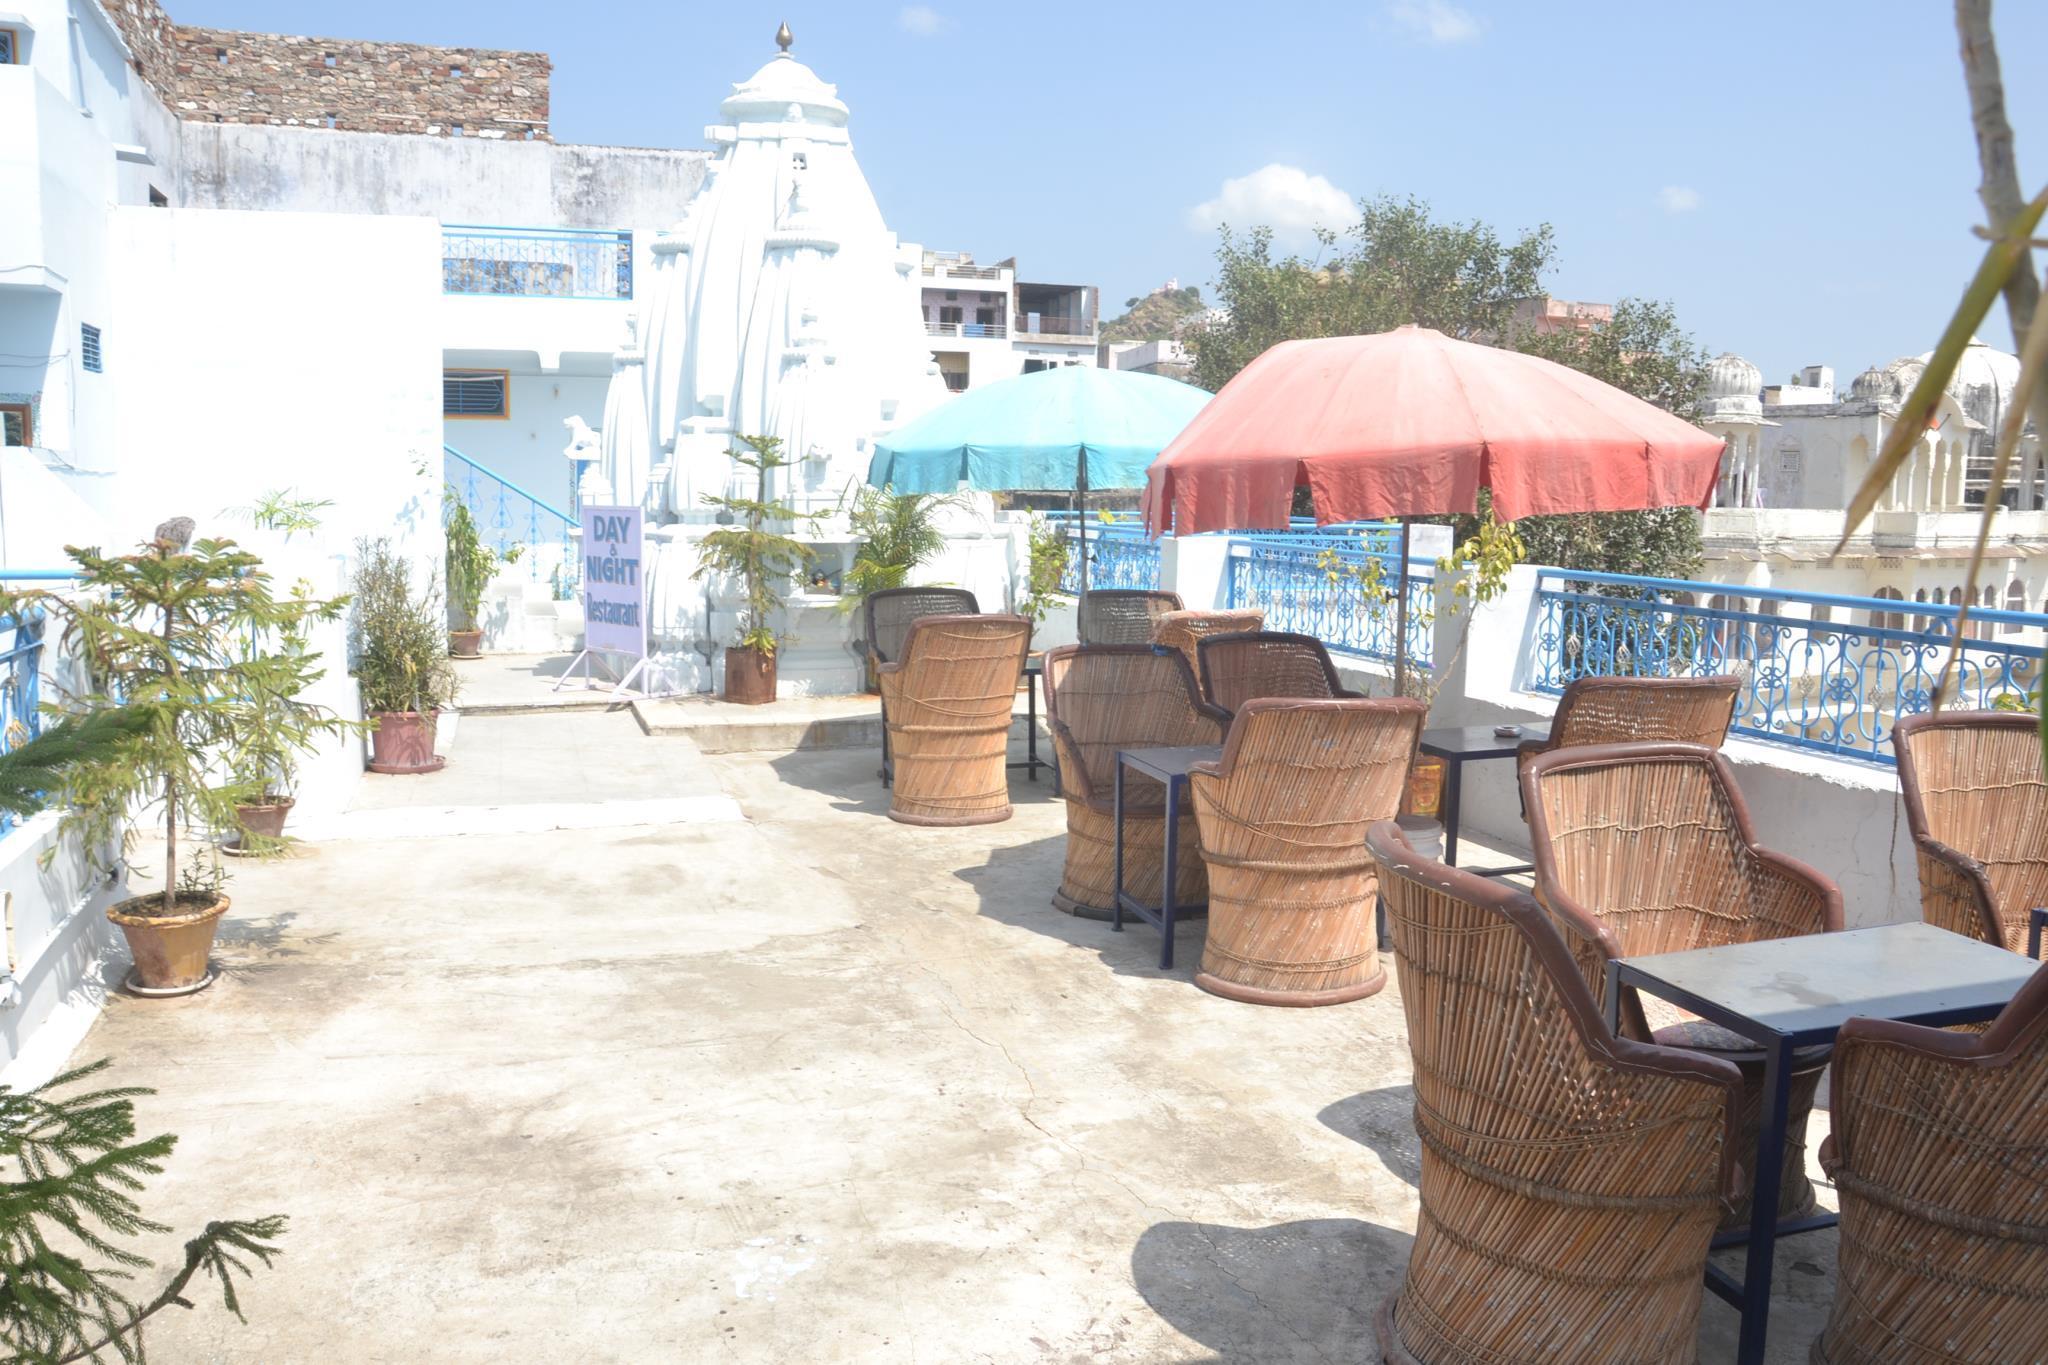 Facq Salle De Bain Zaventem ~ Hotel Bharatpur Palace Pushkar Offres Sp Ciales Pour Cet H Tel